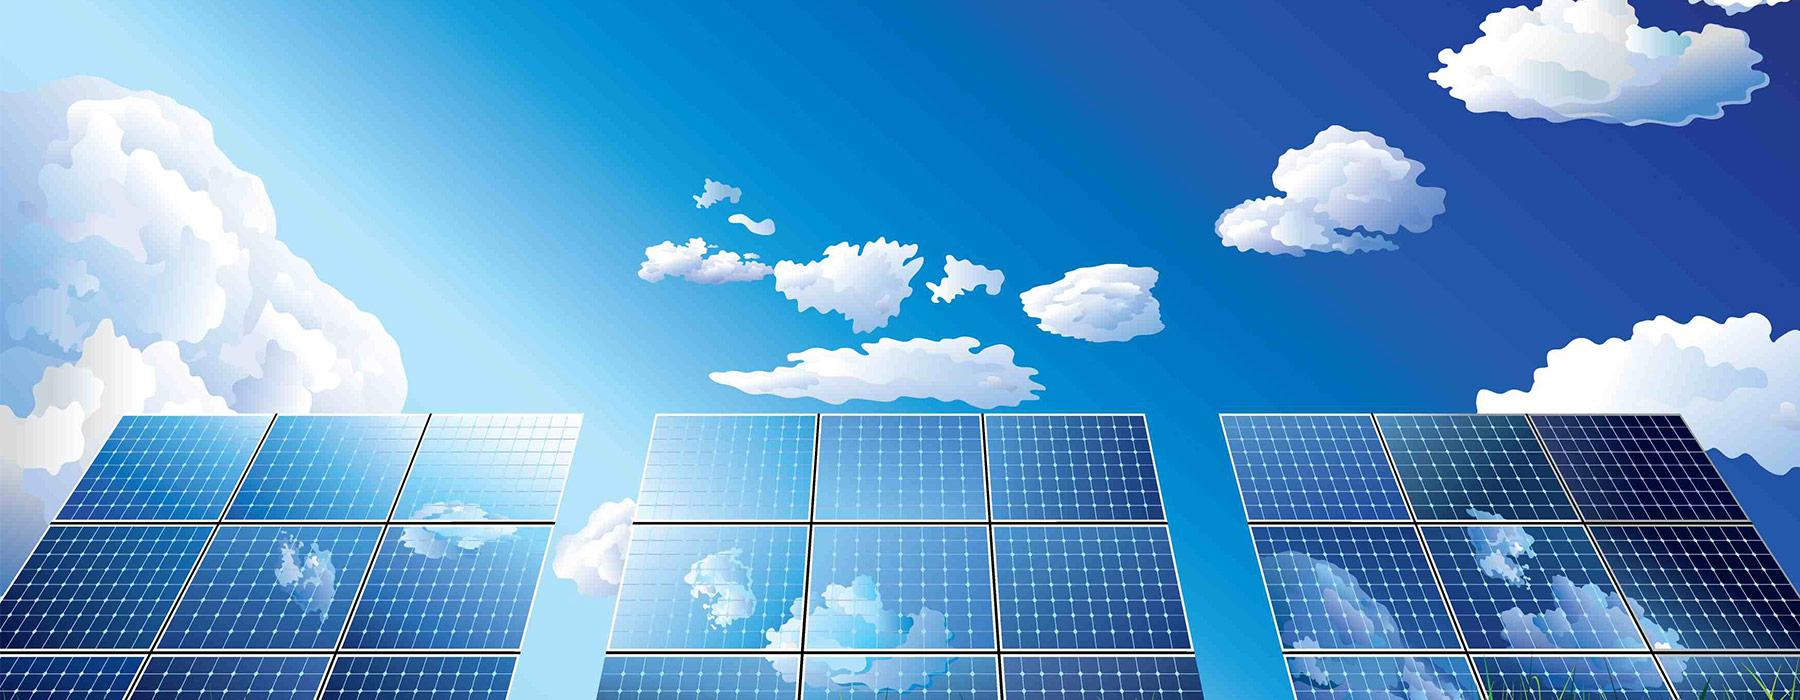 Intrebari frecvente despre panourile solare